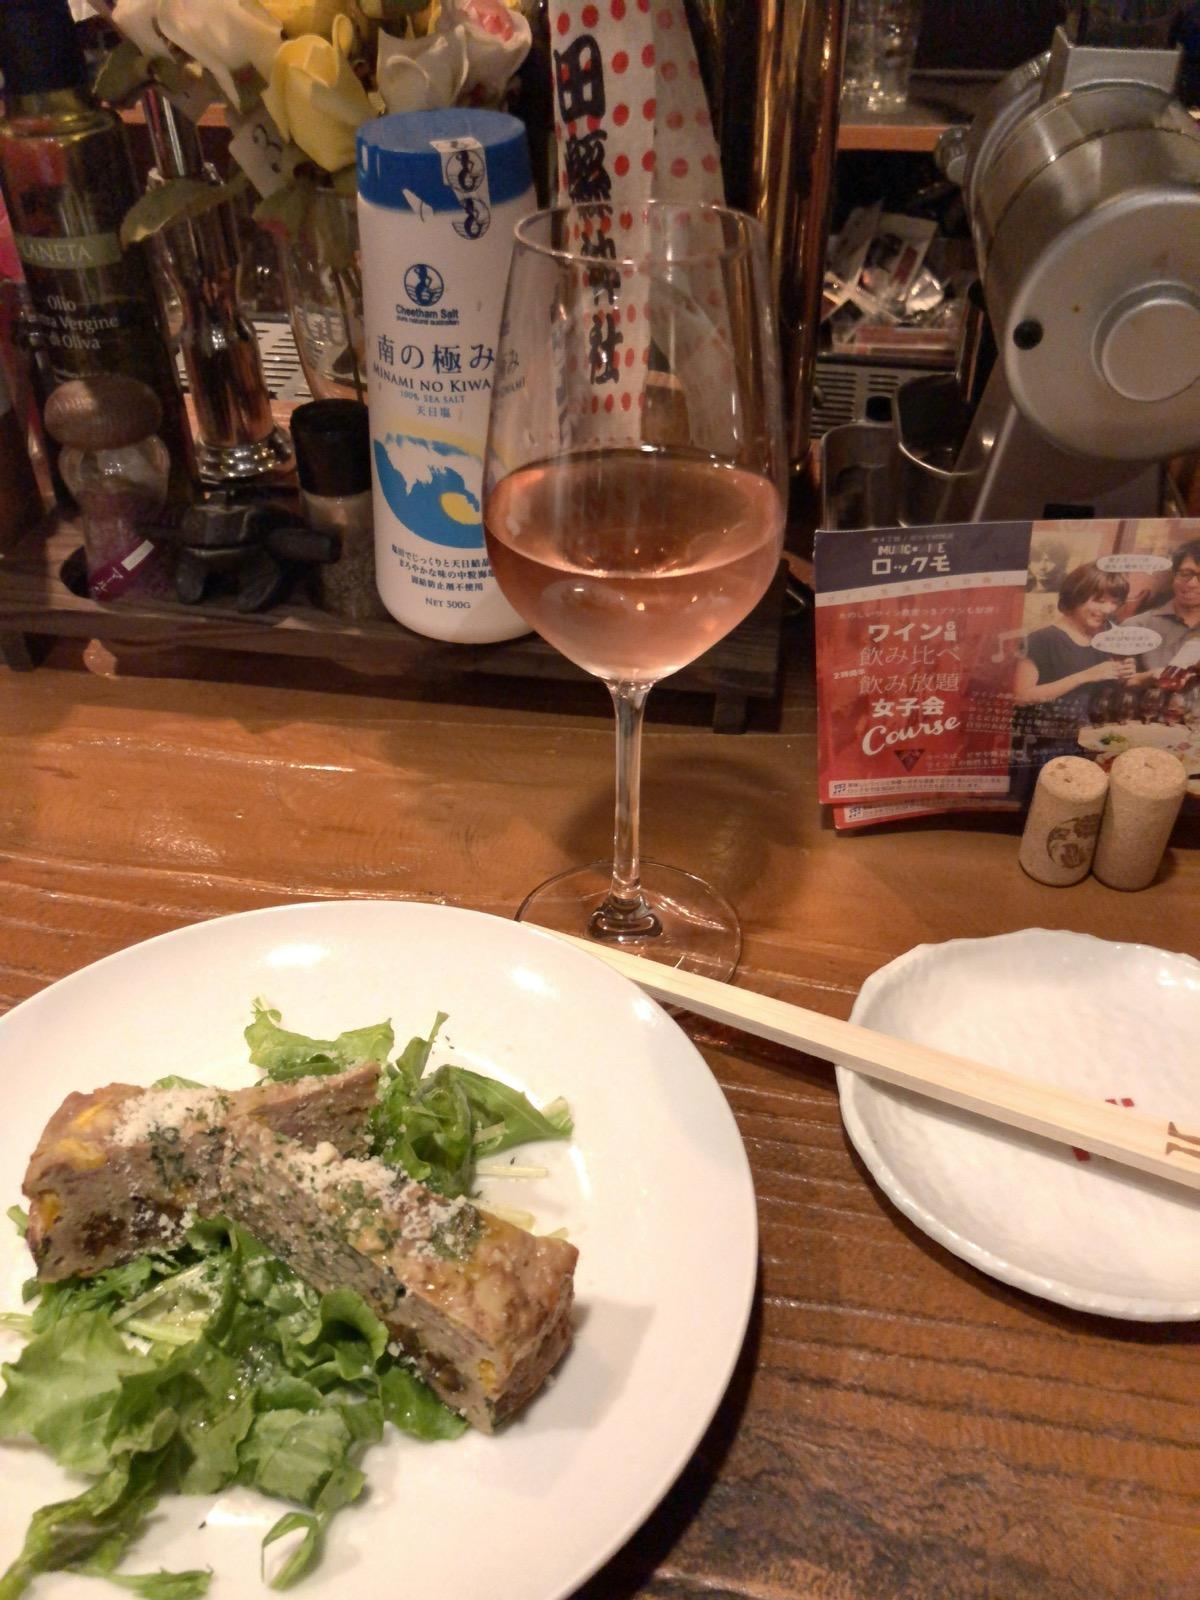 名古屋市中区の文化系飲食店「ボクモ」のワインと料理